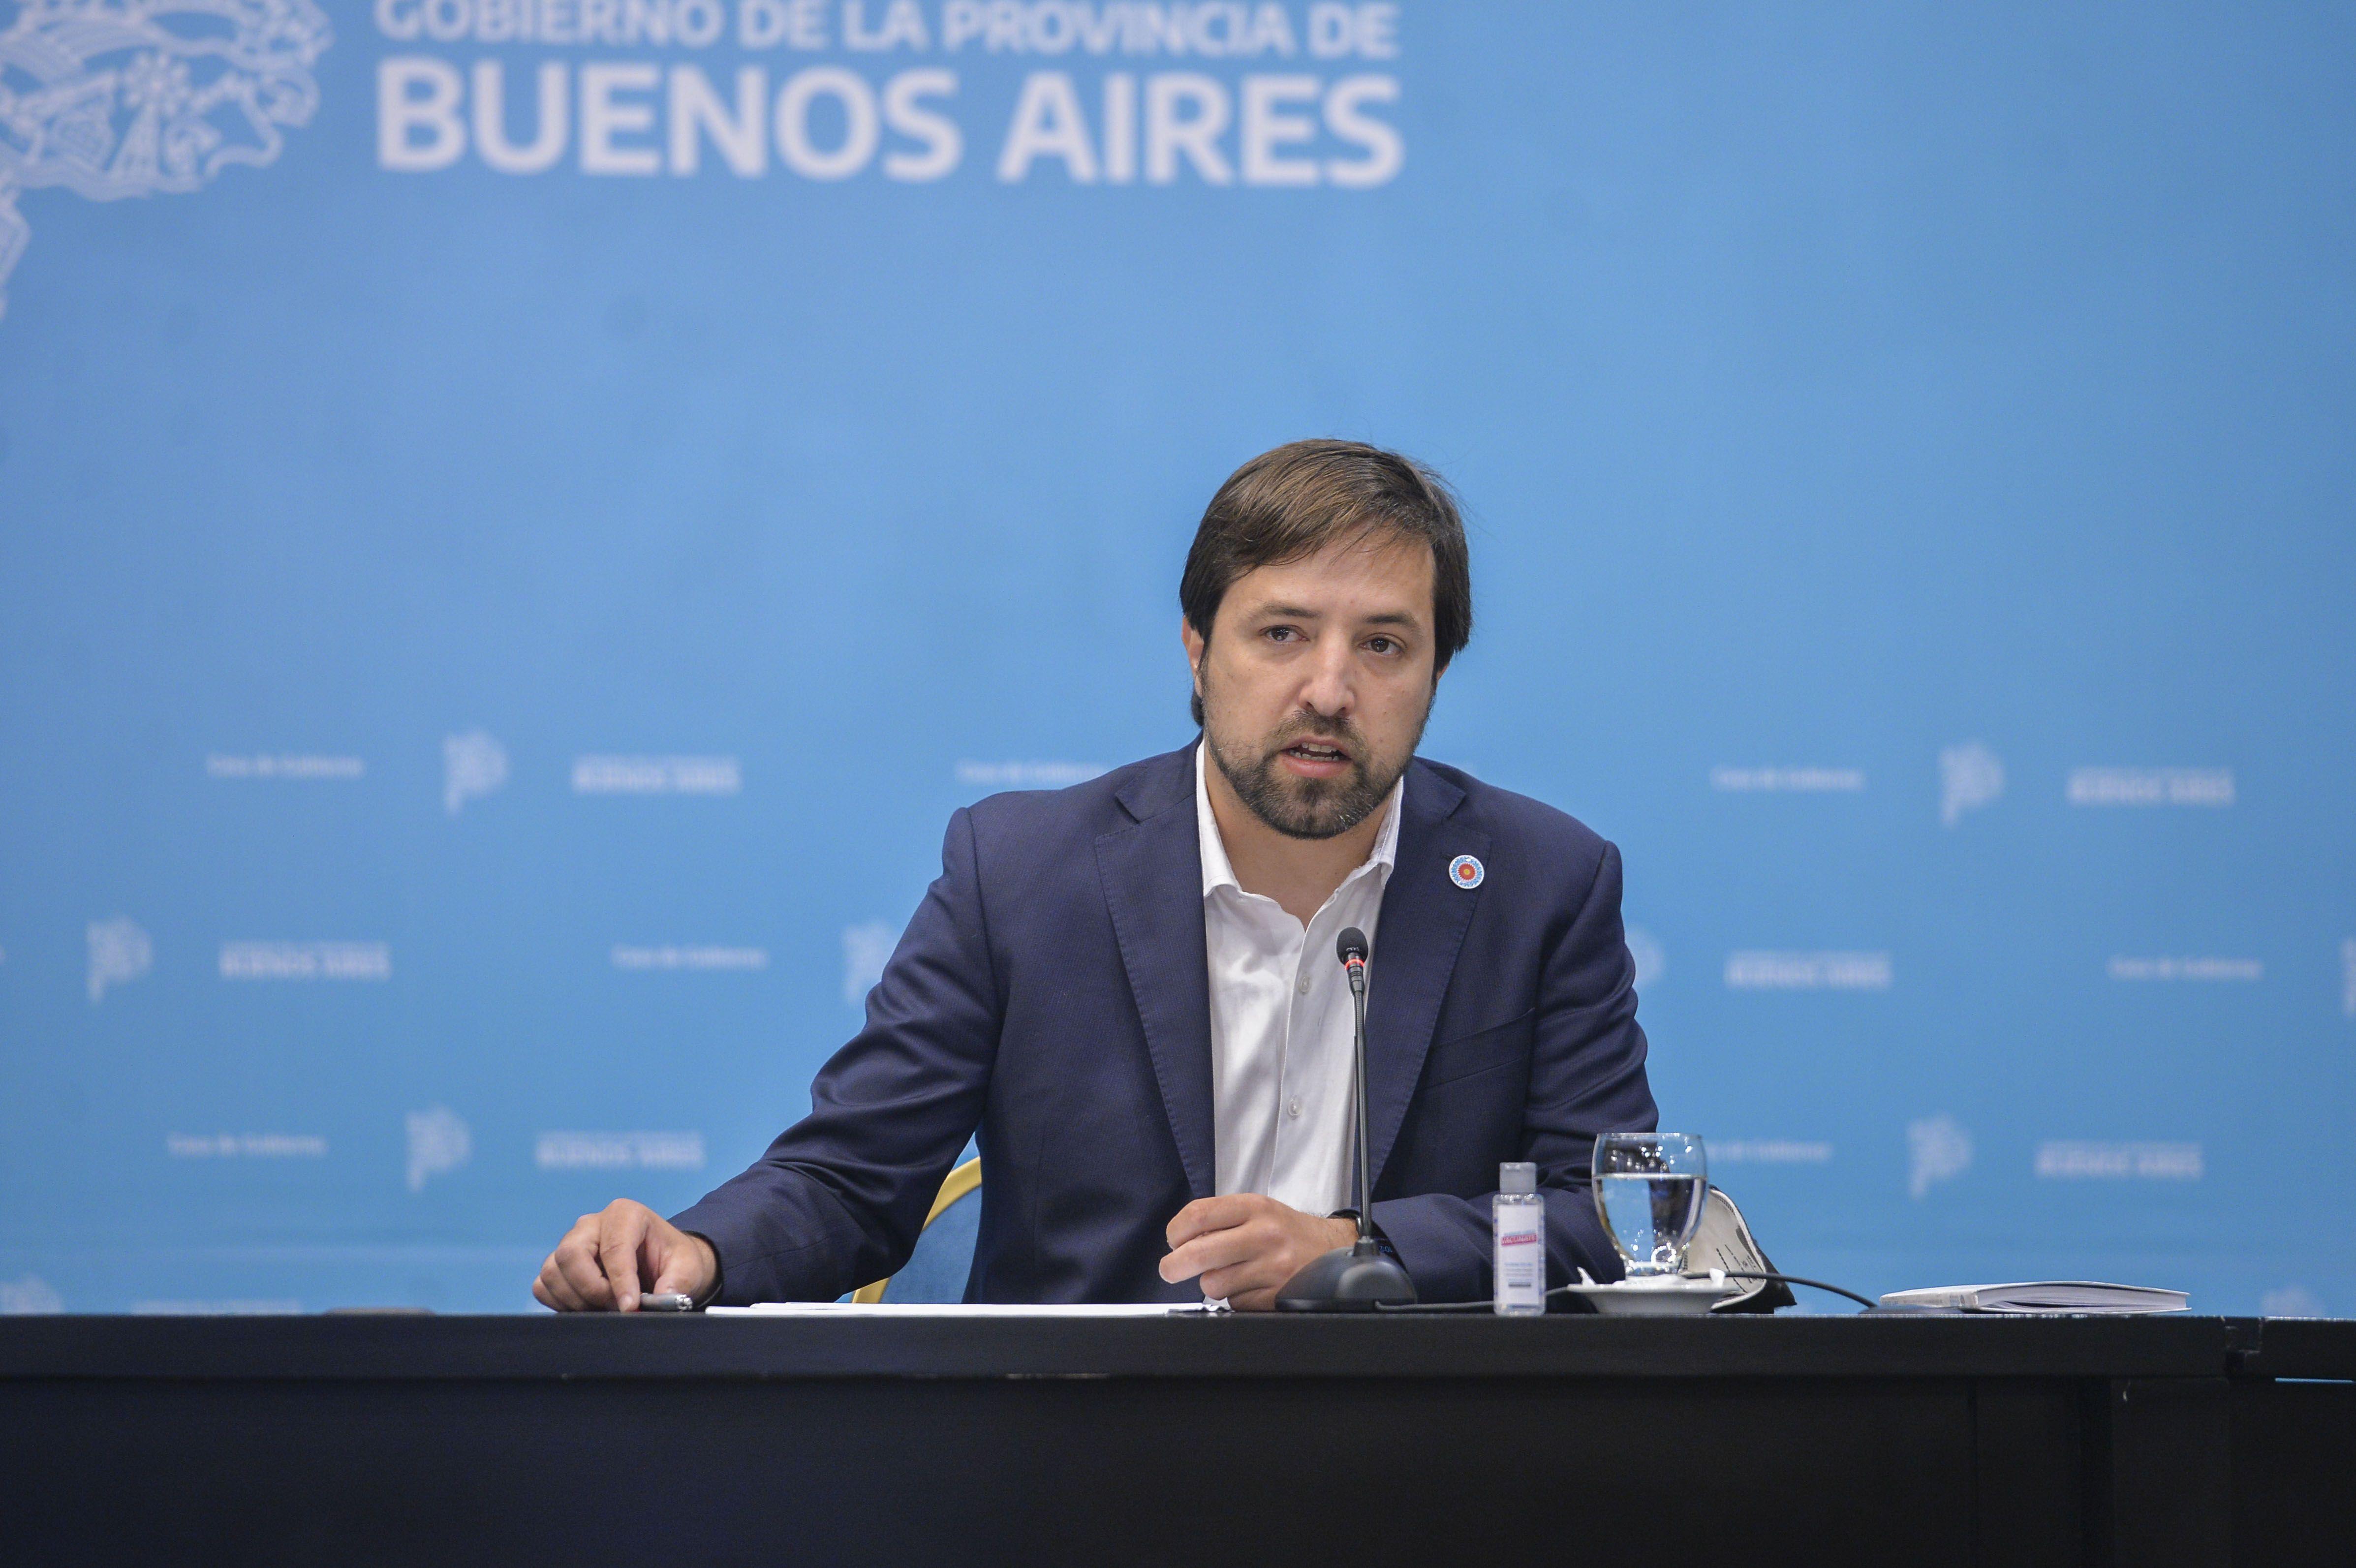 nicolas kreplak mostro un alentador ranking covid para la argentina